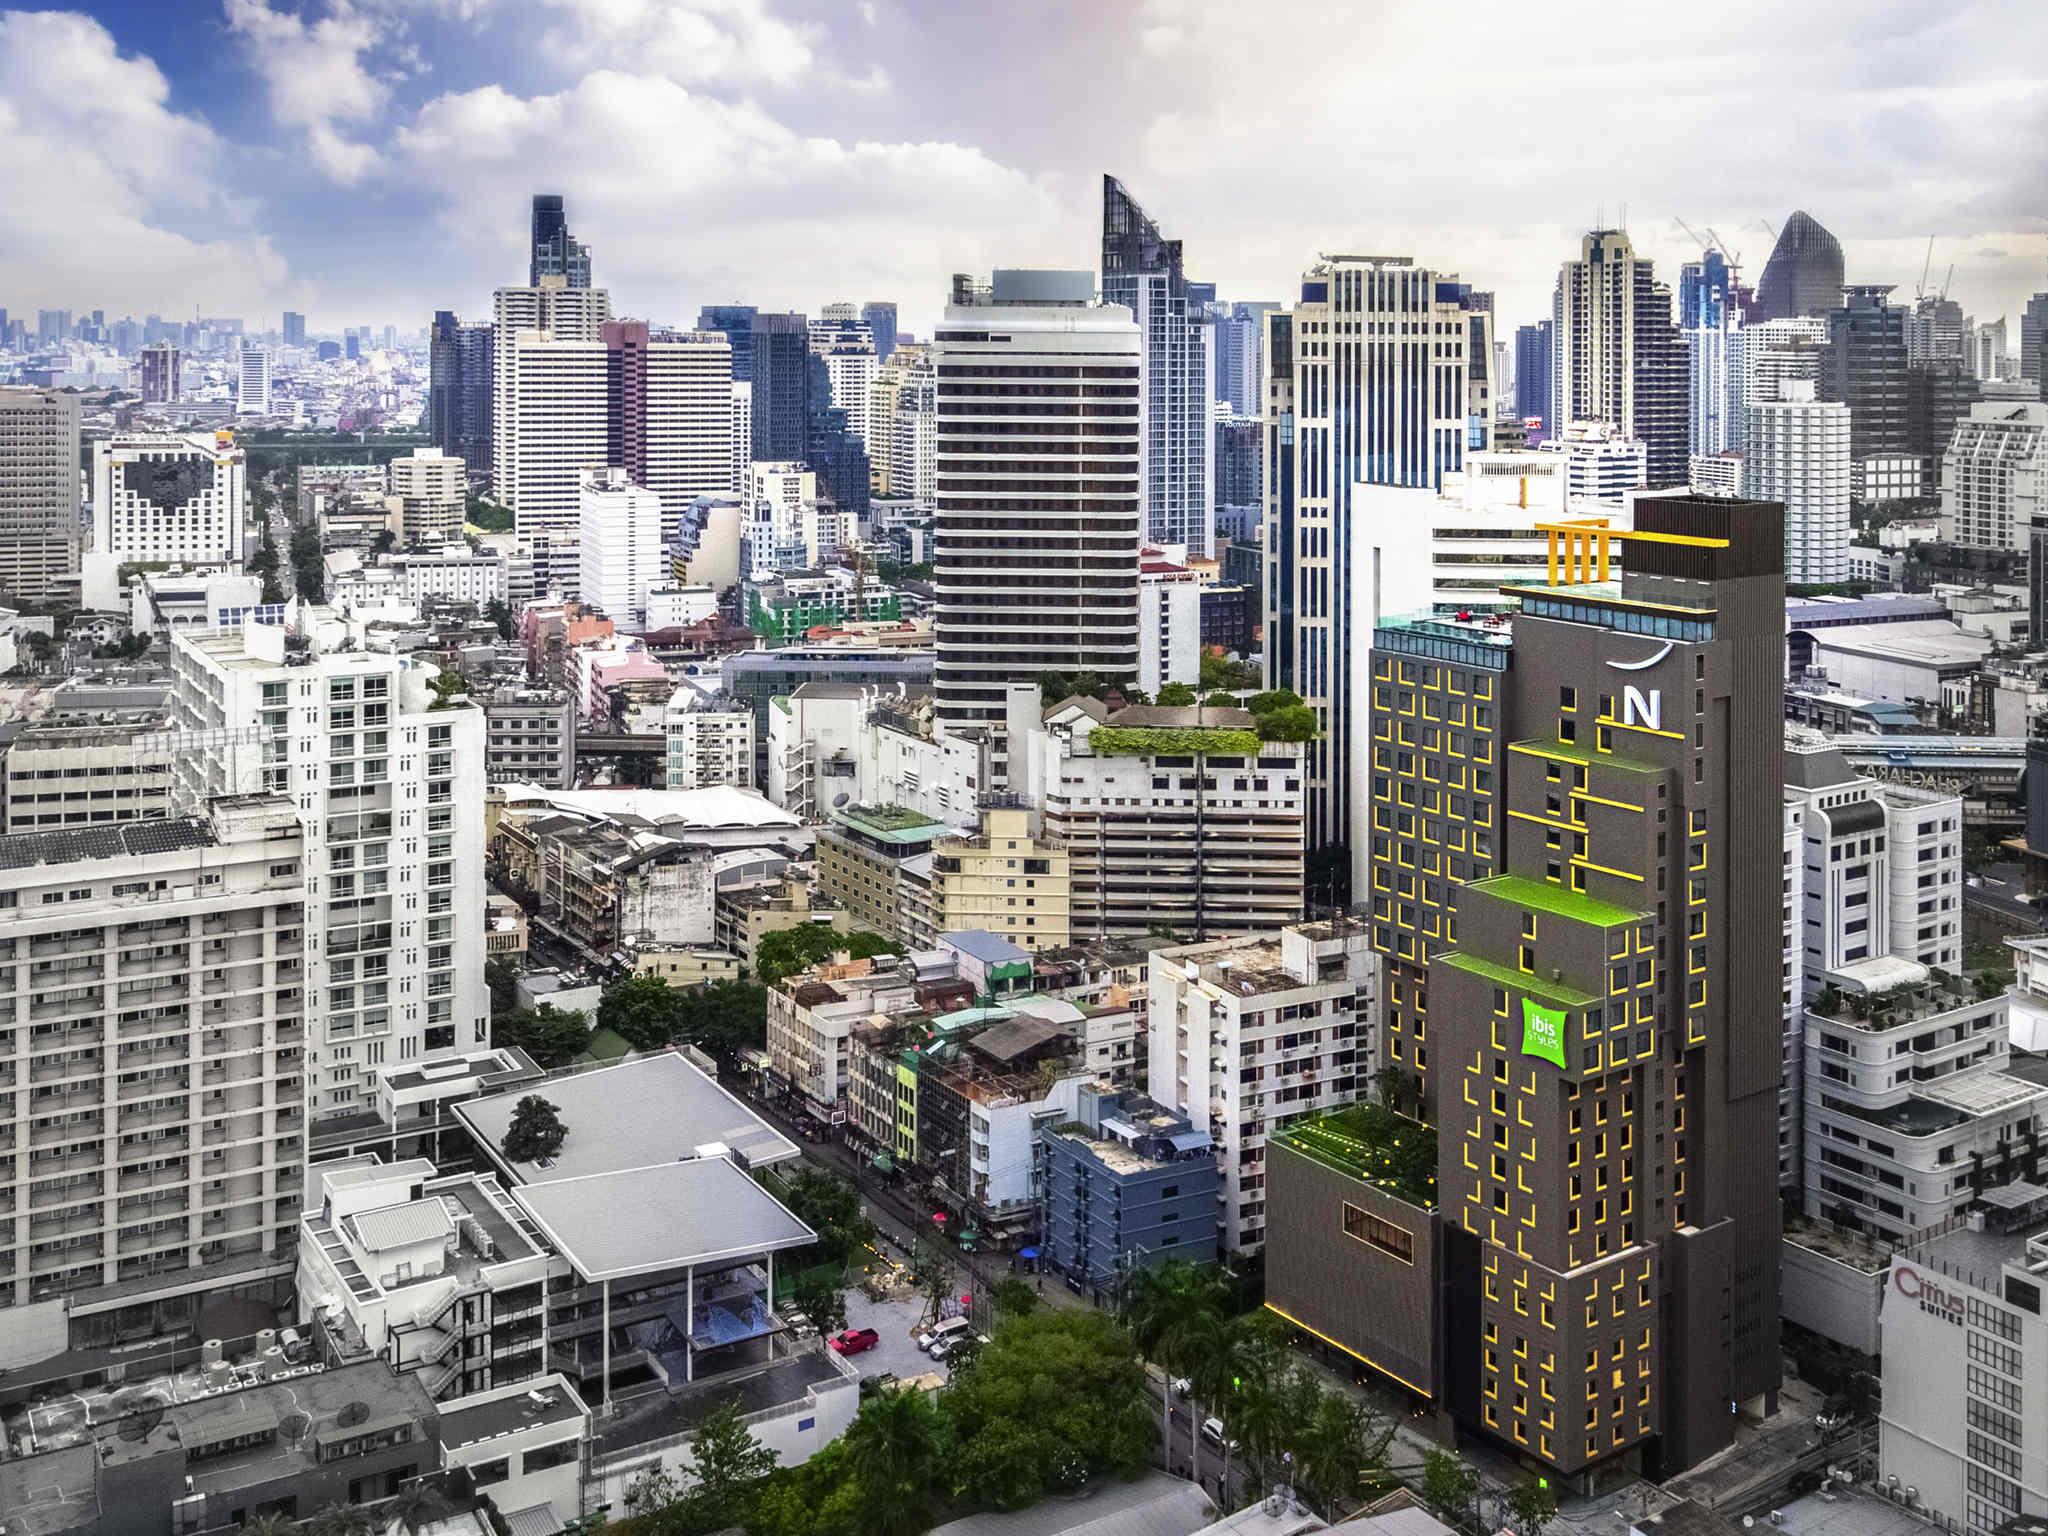 酒店 – 宜必思尚品曼谷素坤逸 4 酒店(2018 年 10 月开业)